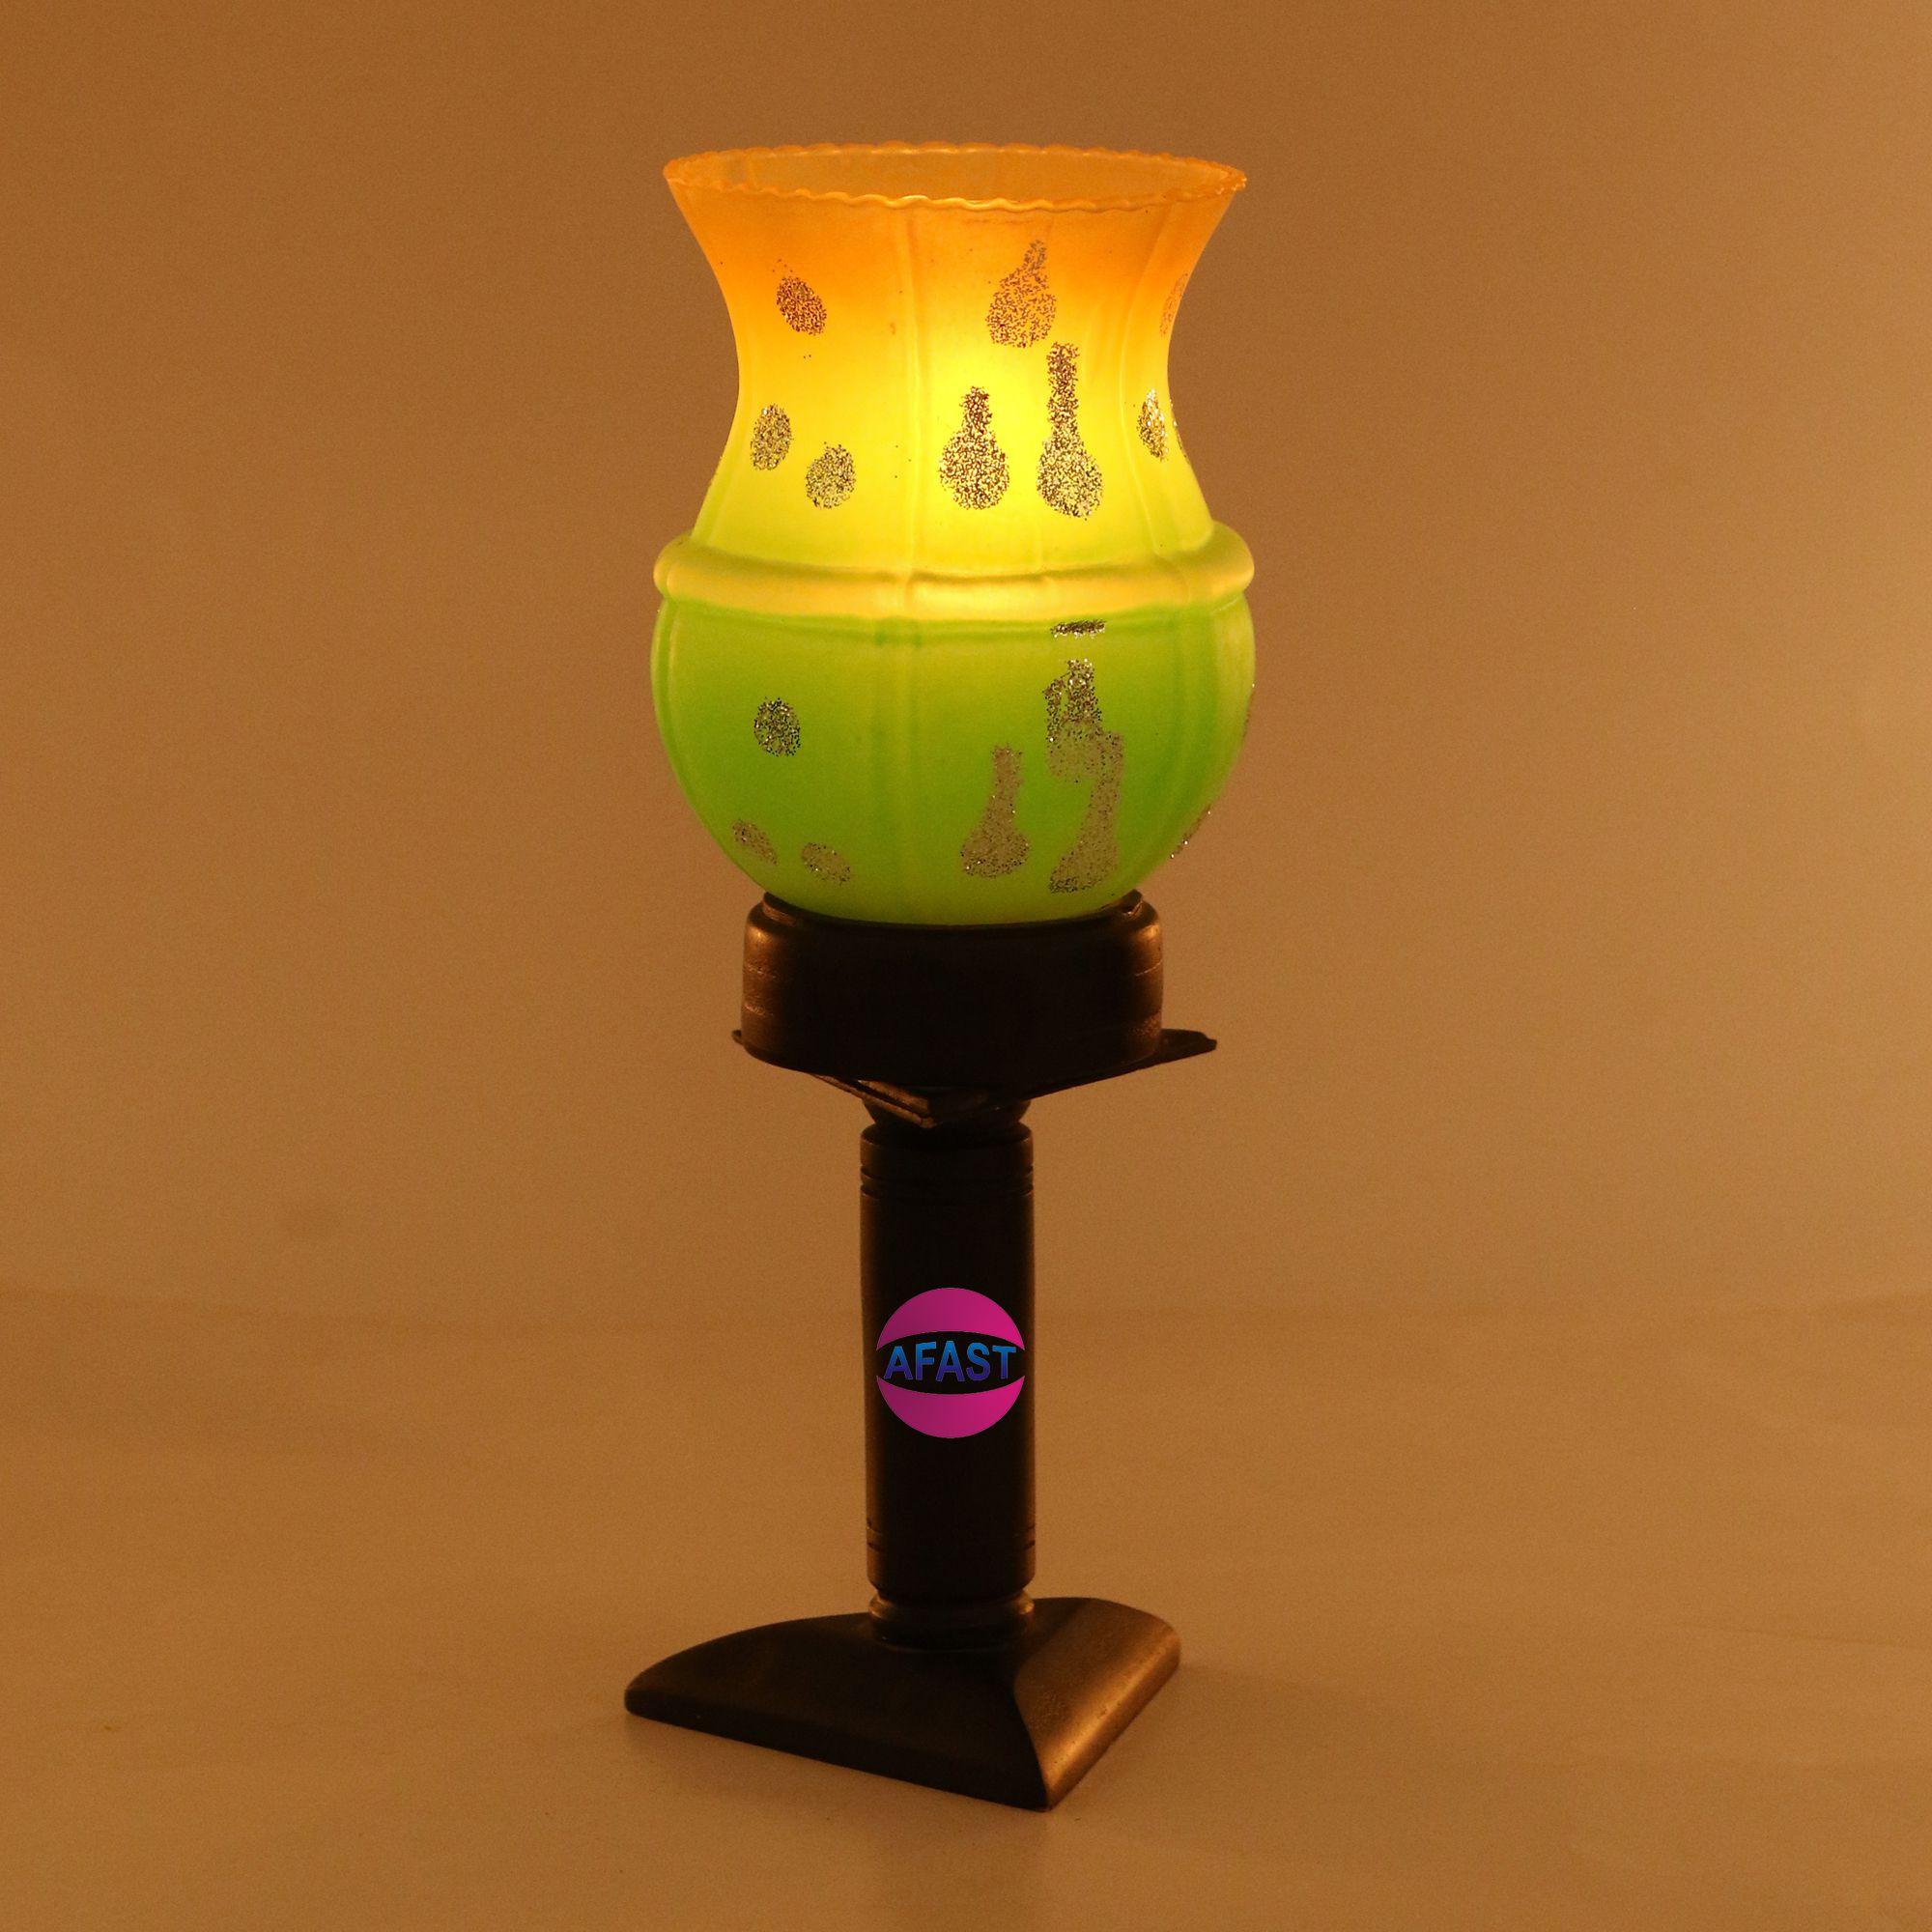 AFAST Green LED Tea Light - Pack of 1